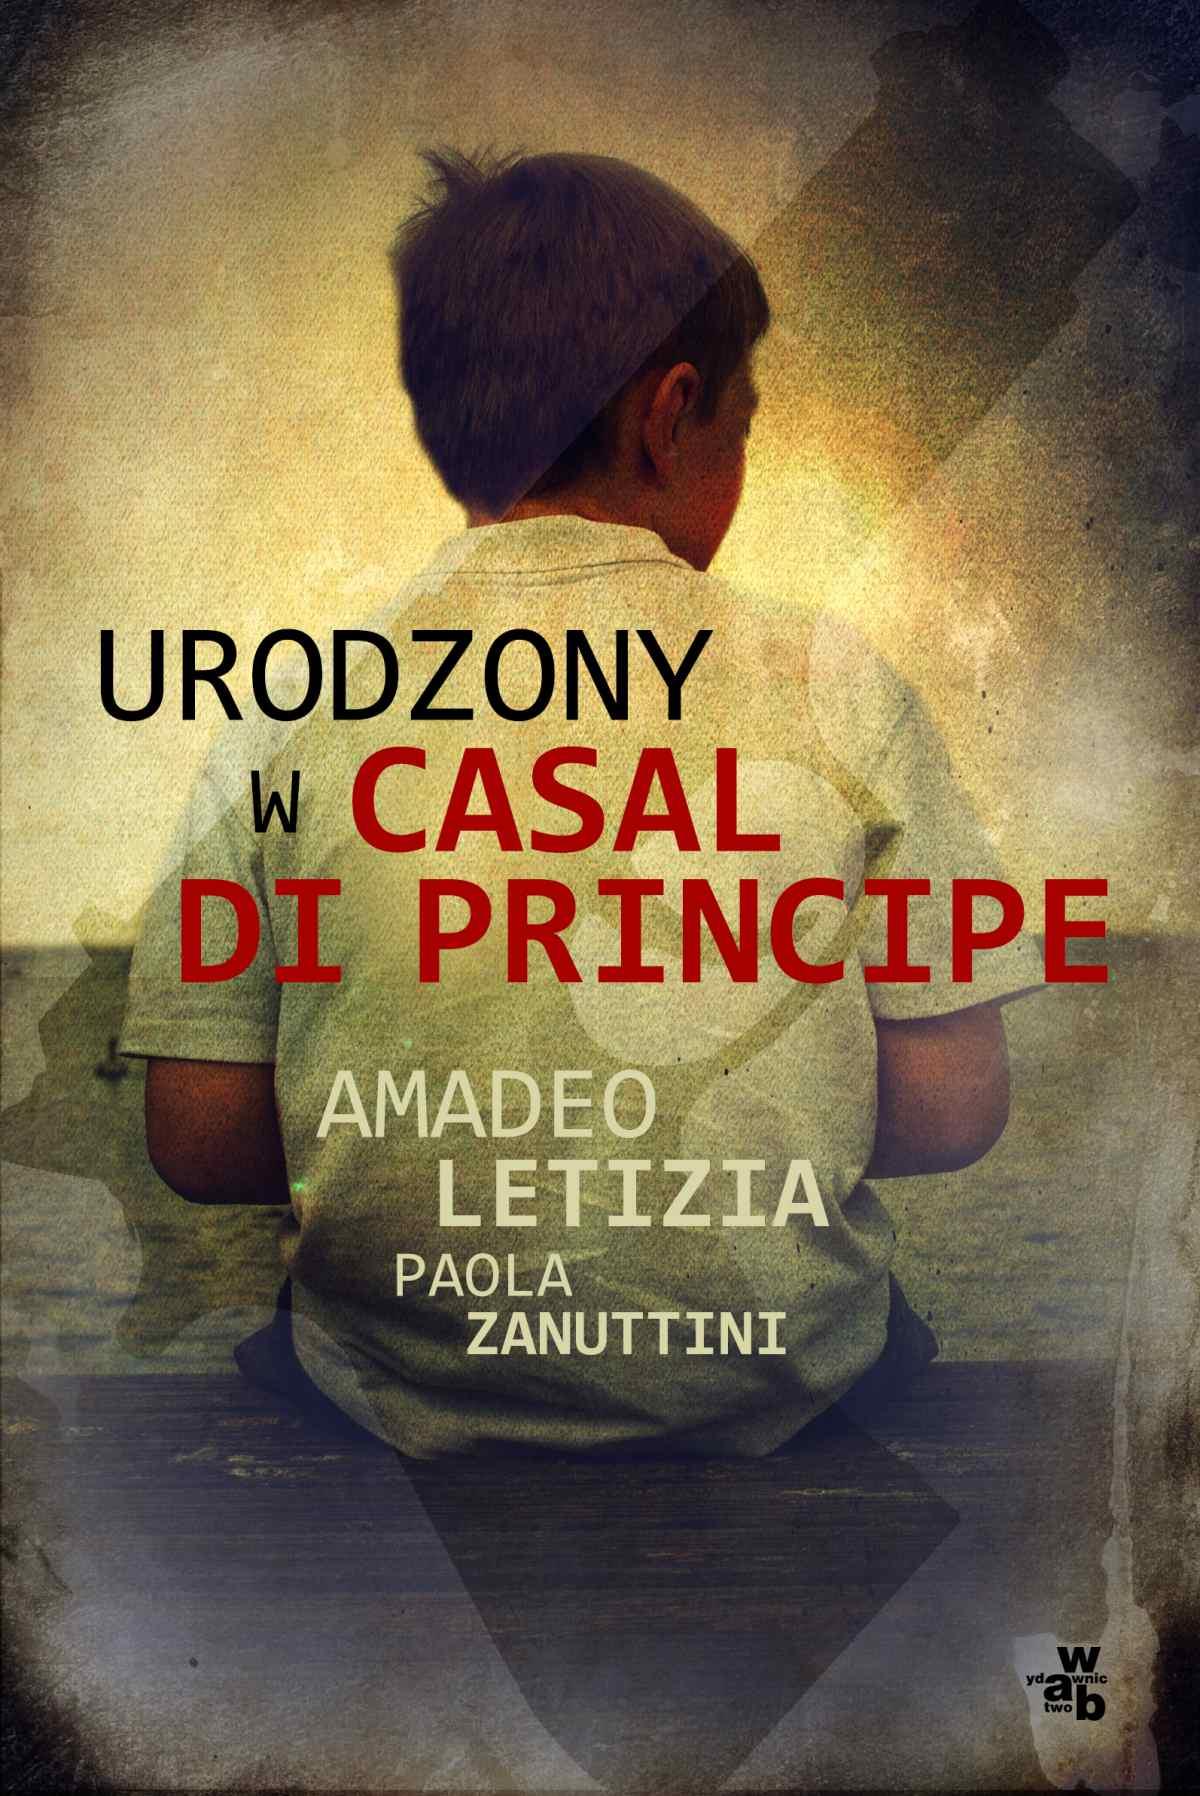 Urodzony w Casal di Principe - Ebook (Książka EPUB) do pobrania w formacie EPUB